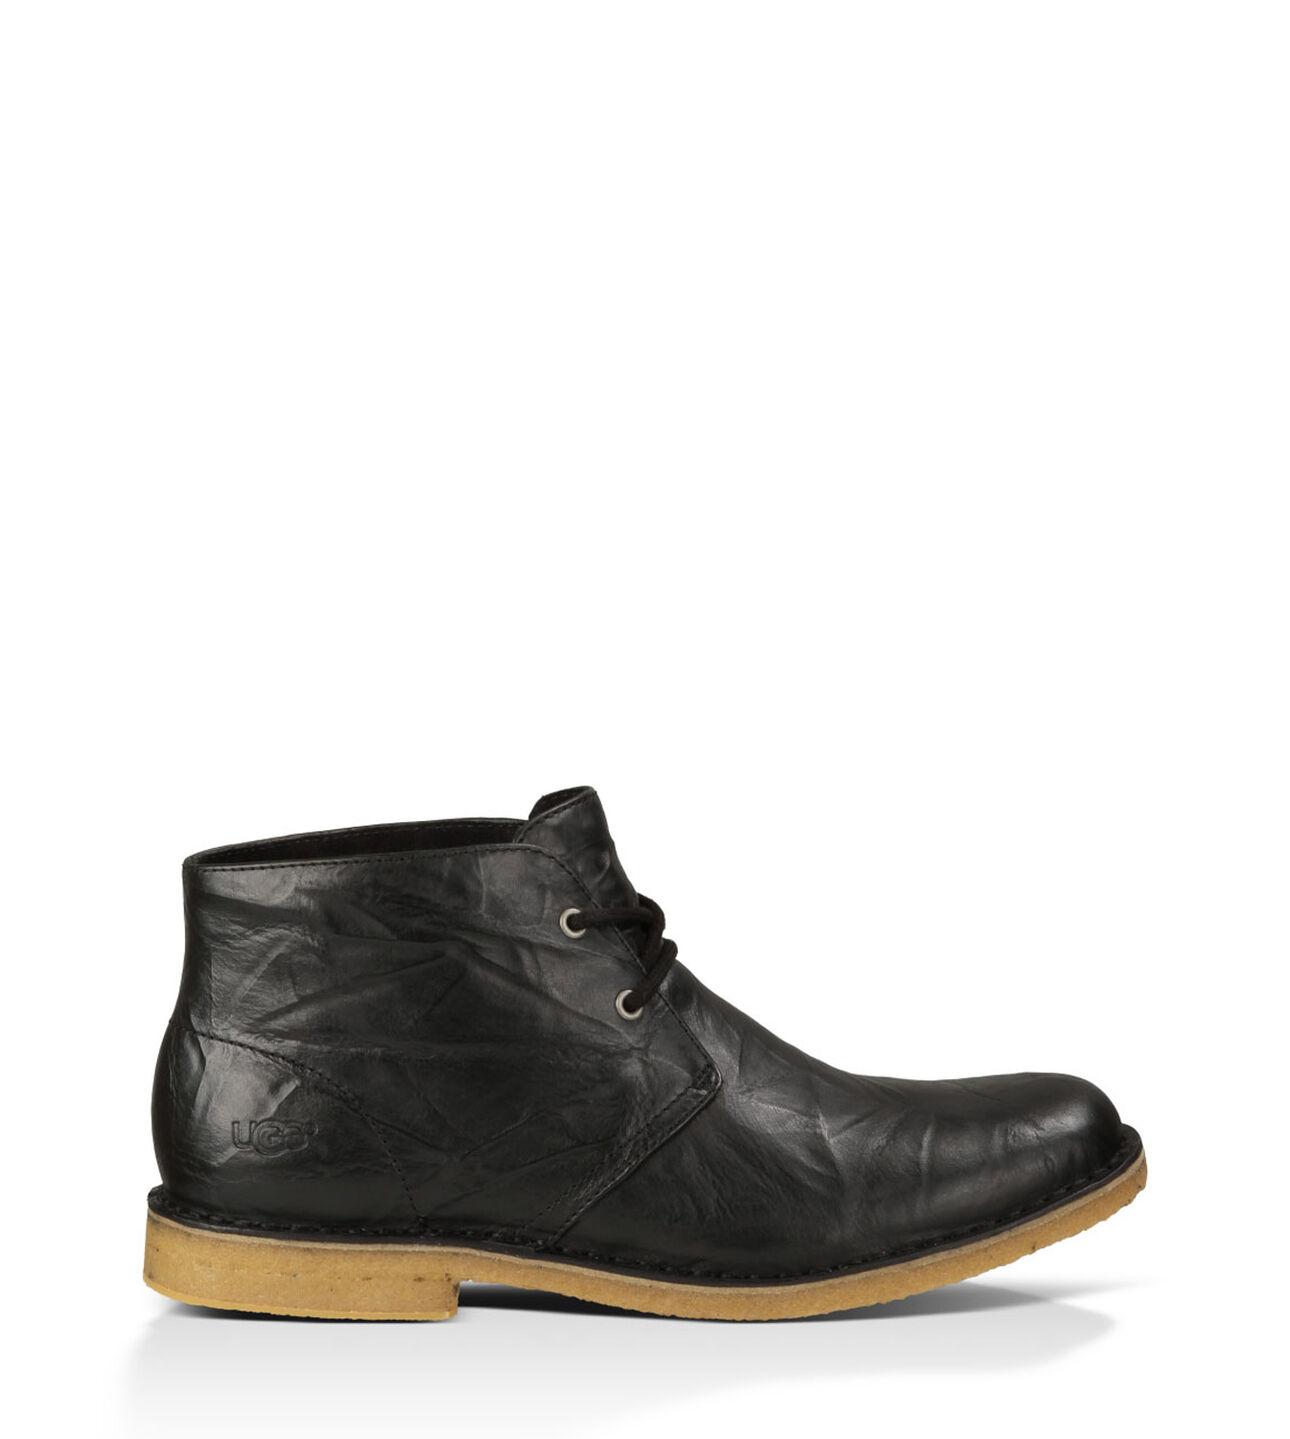 d3fd0ec365d Leighton Boot